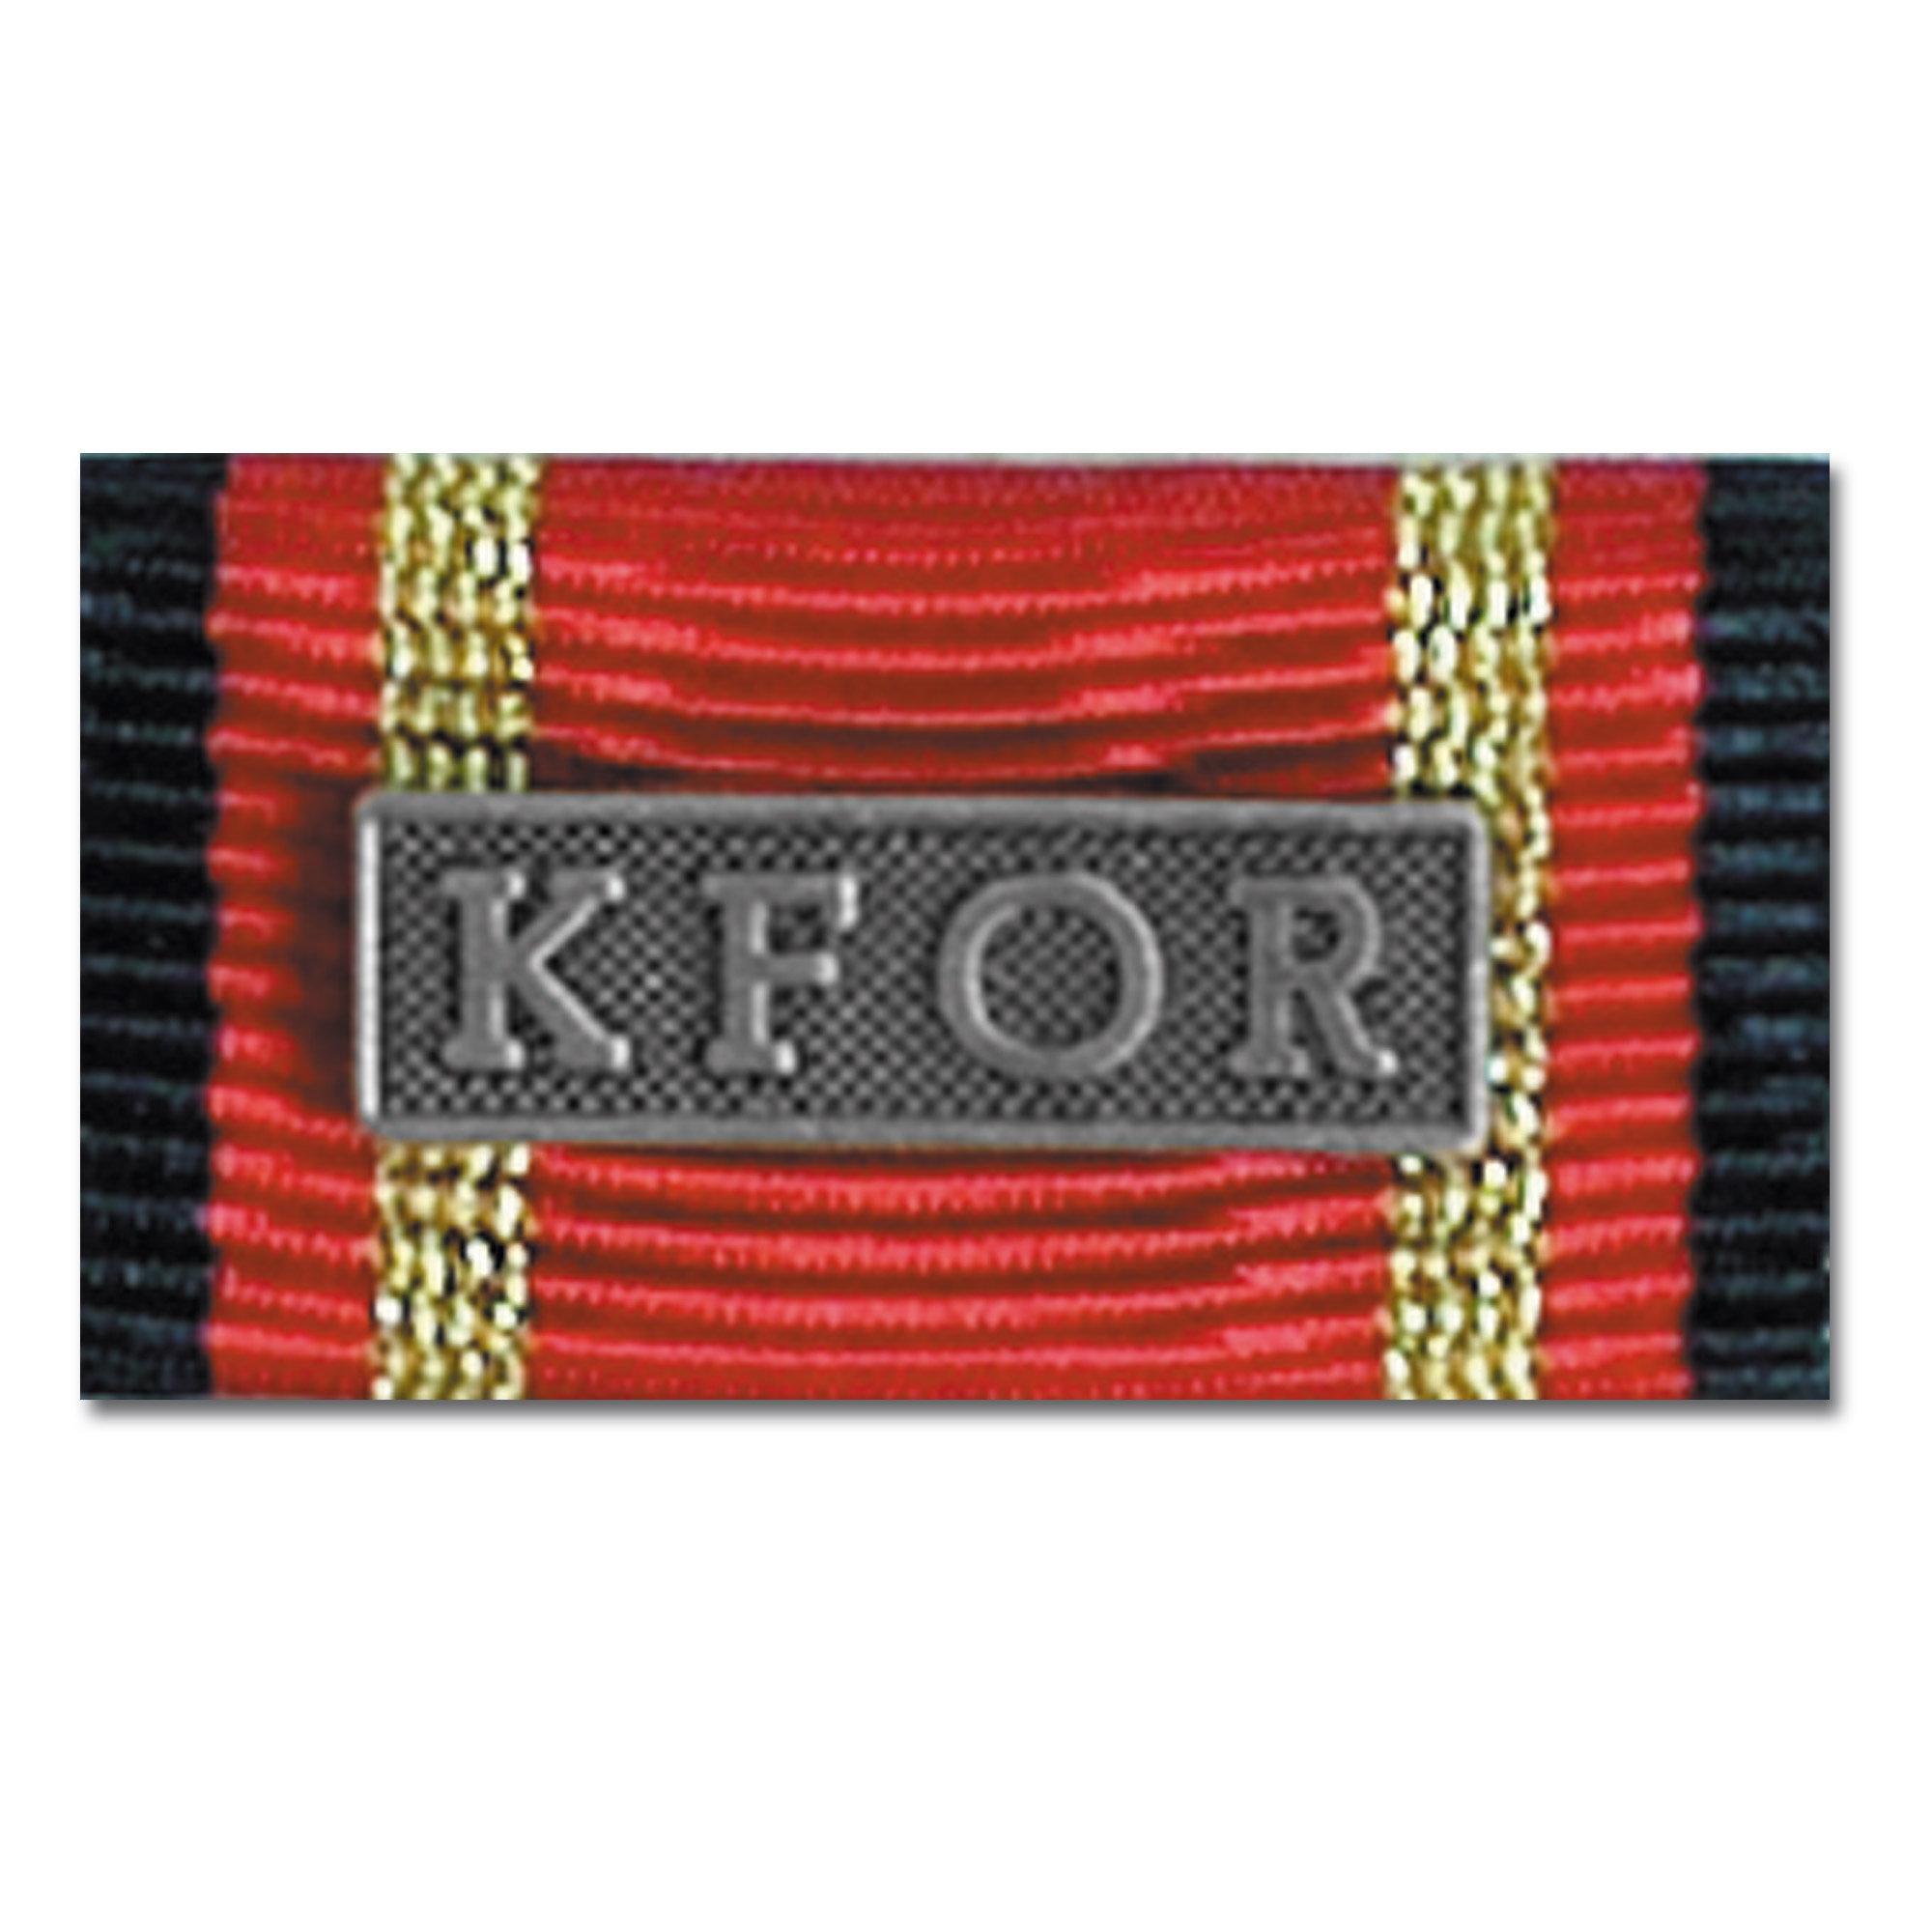 Ordensspange Auslandseinsatz KFOR silber